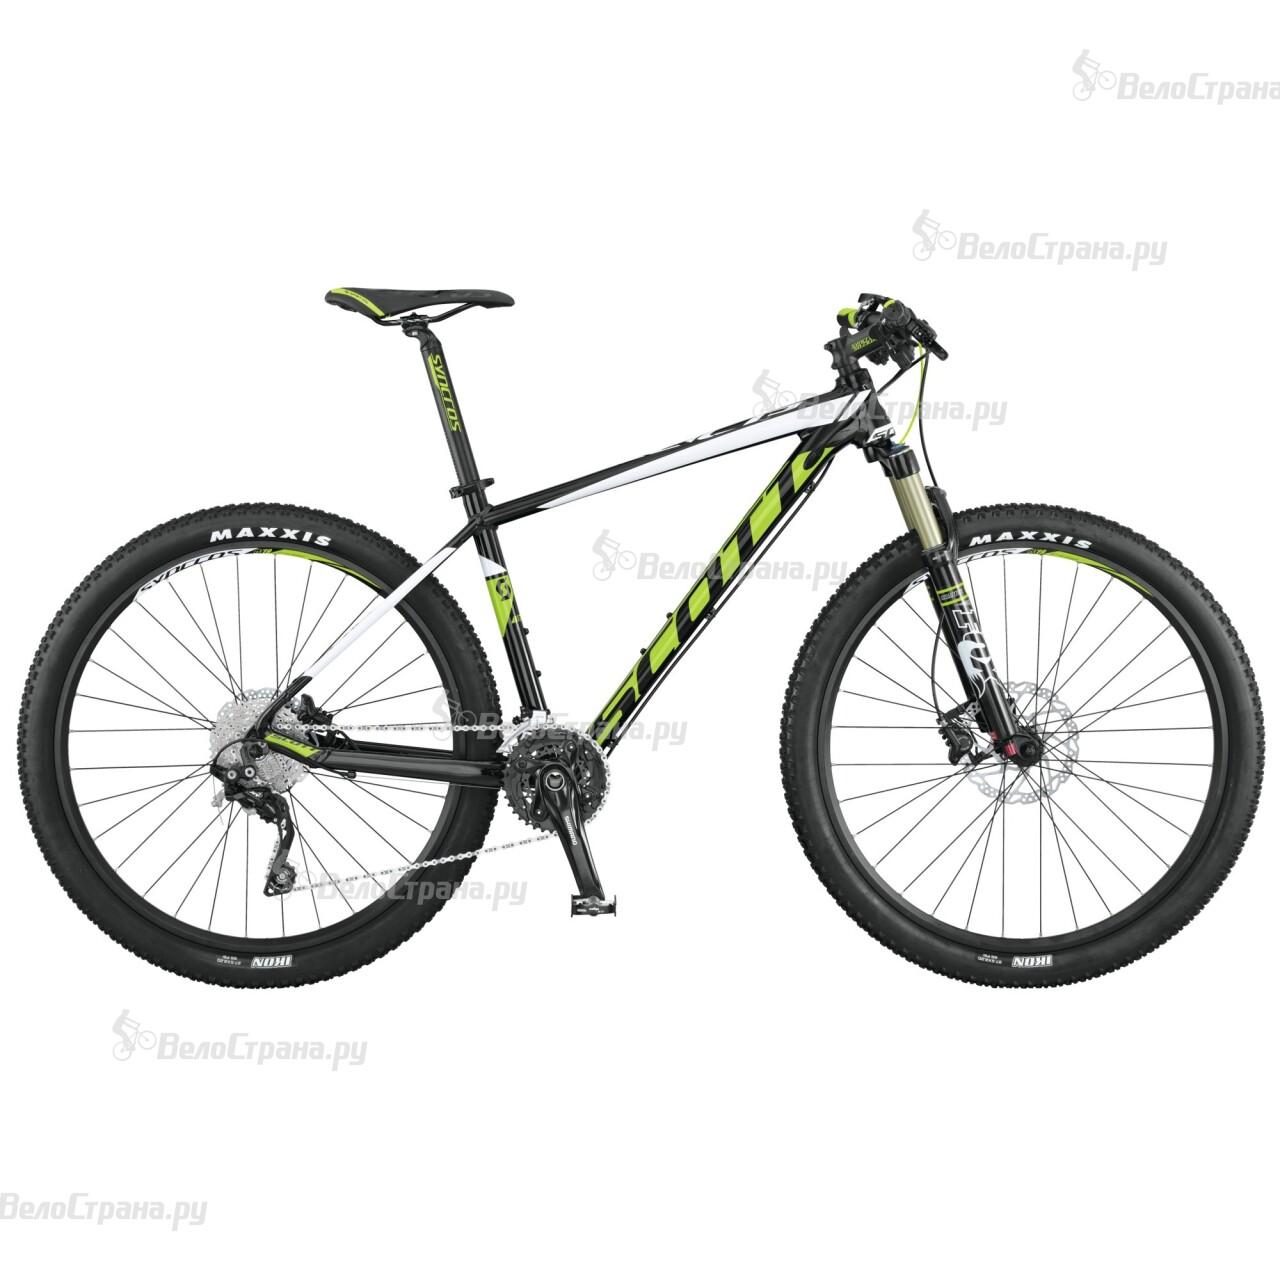 где купить Велосипед Scott Scale 750 (2015) дешево